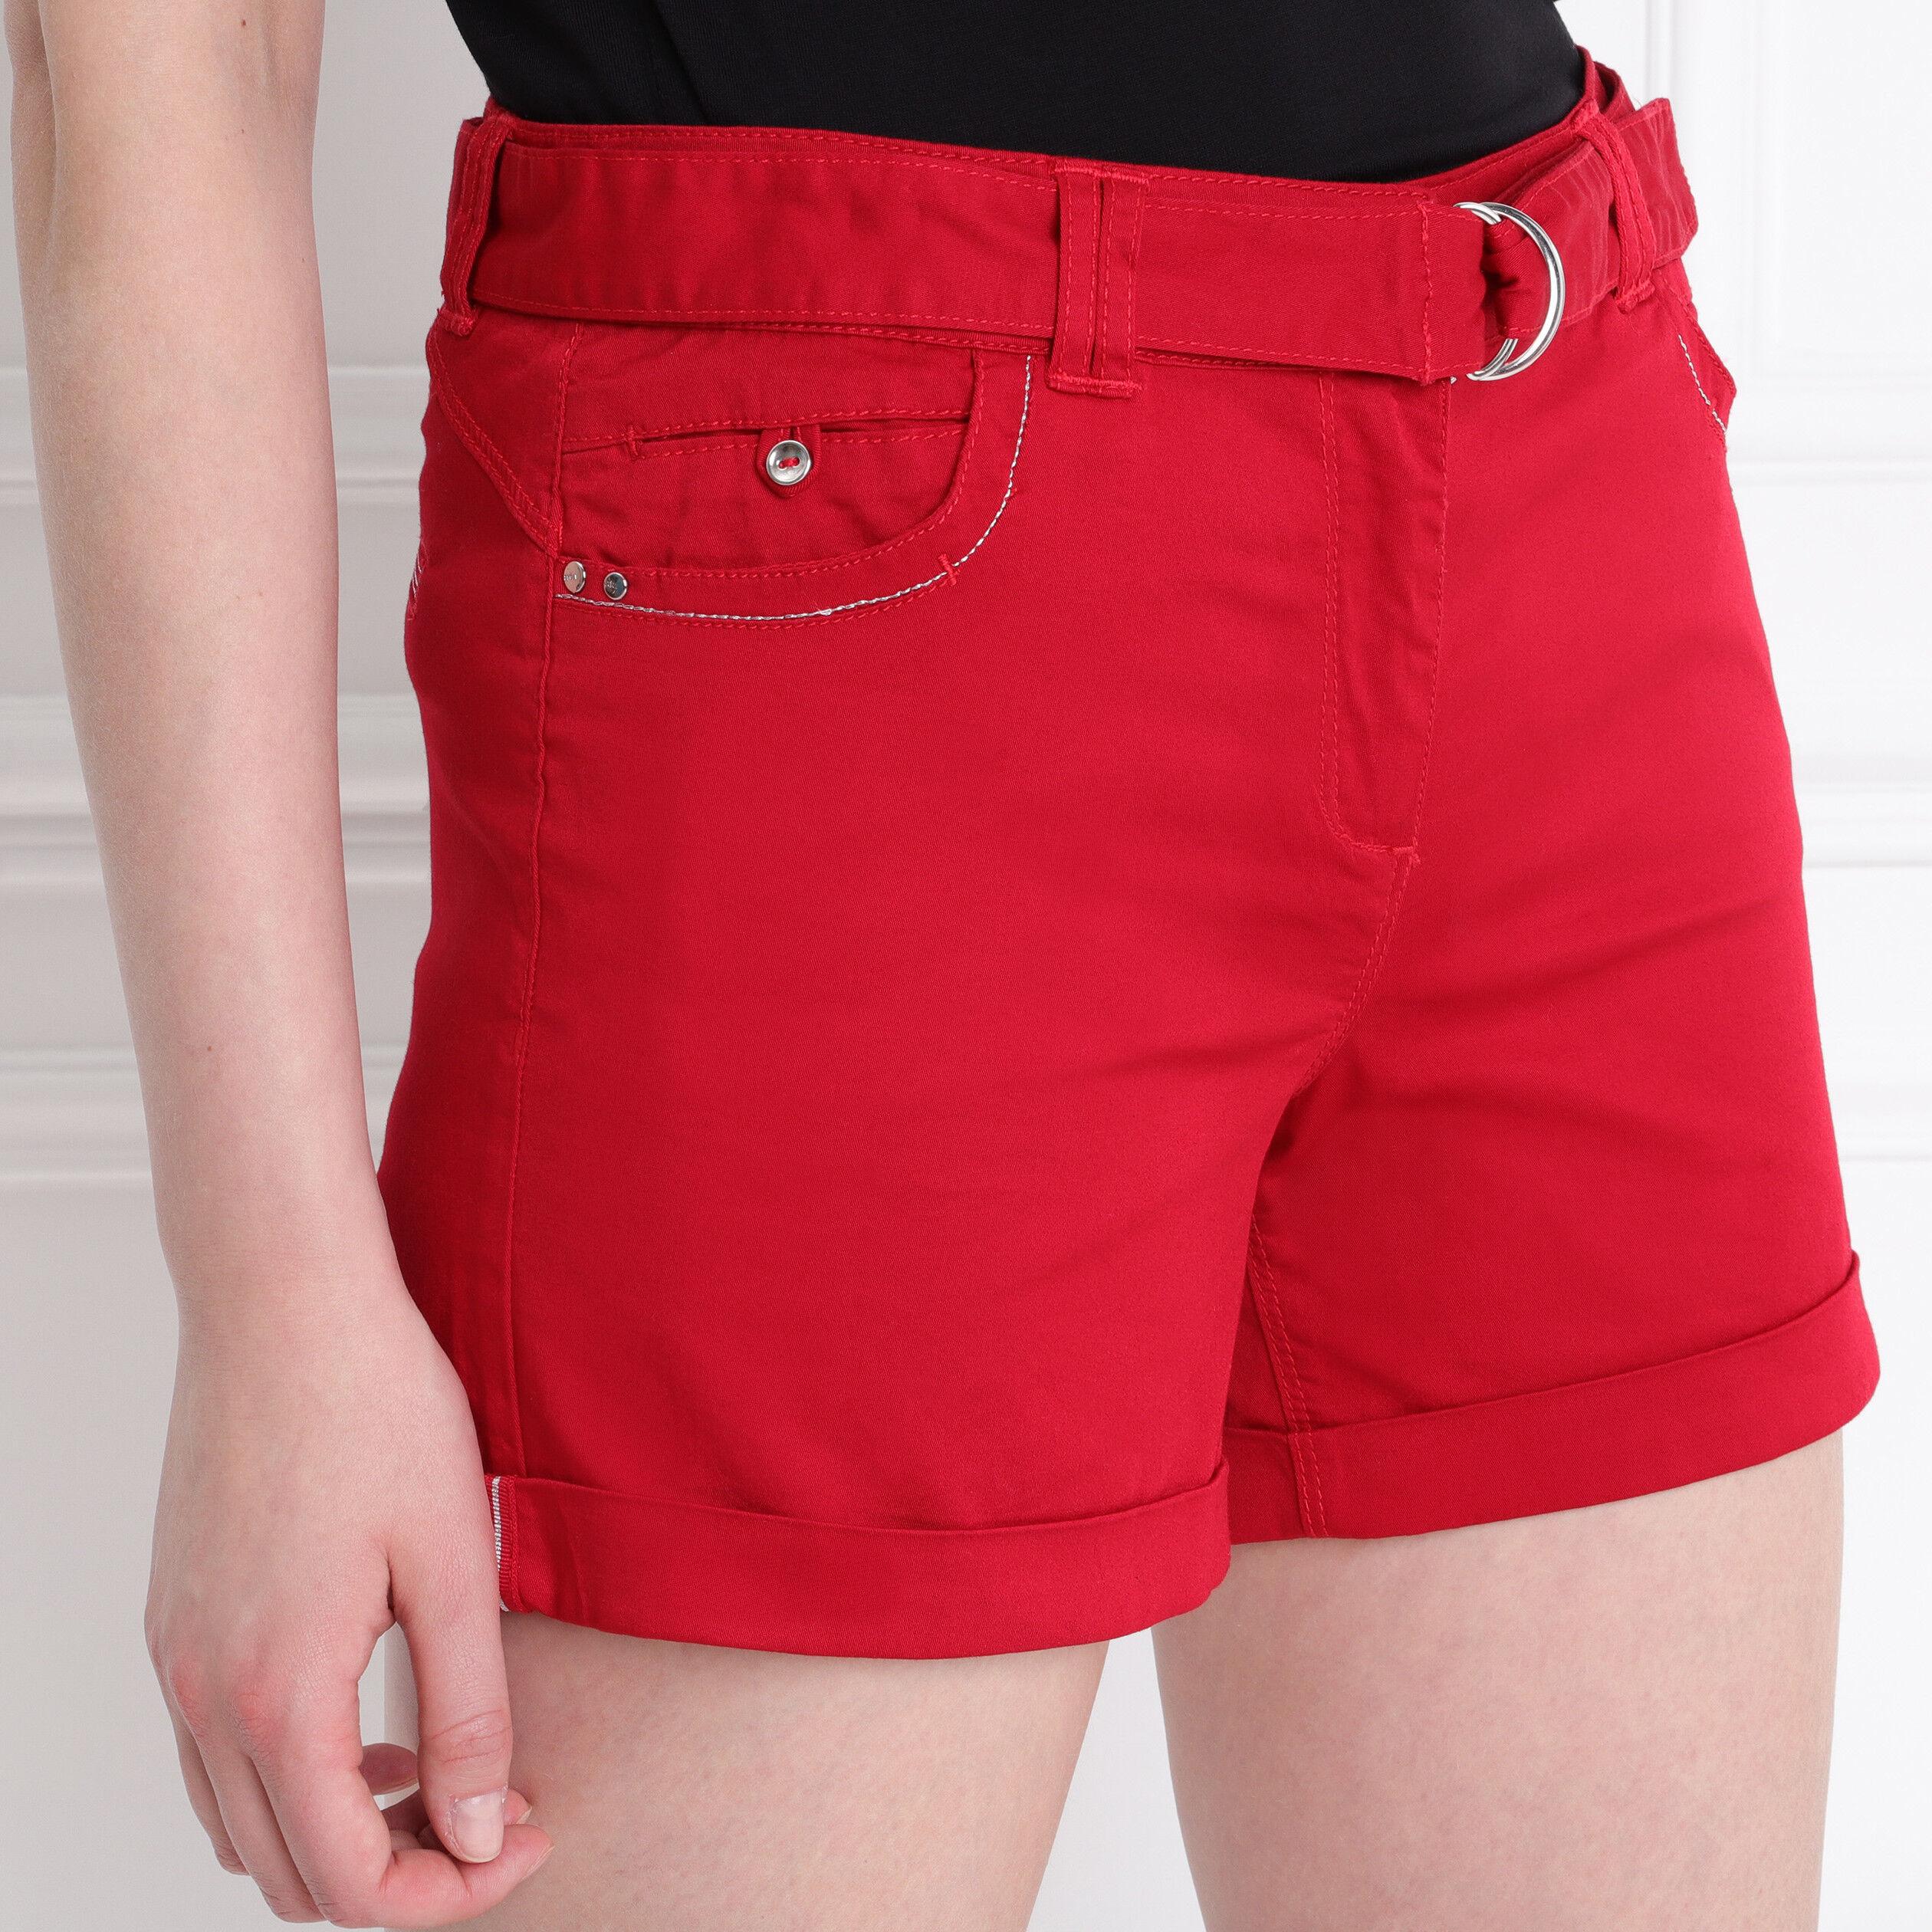 Rouge Droit Short FemmeBréal Taille Standard BoQrCxWde